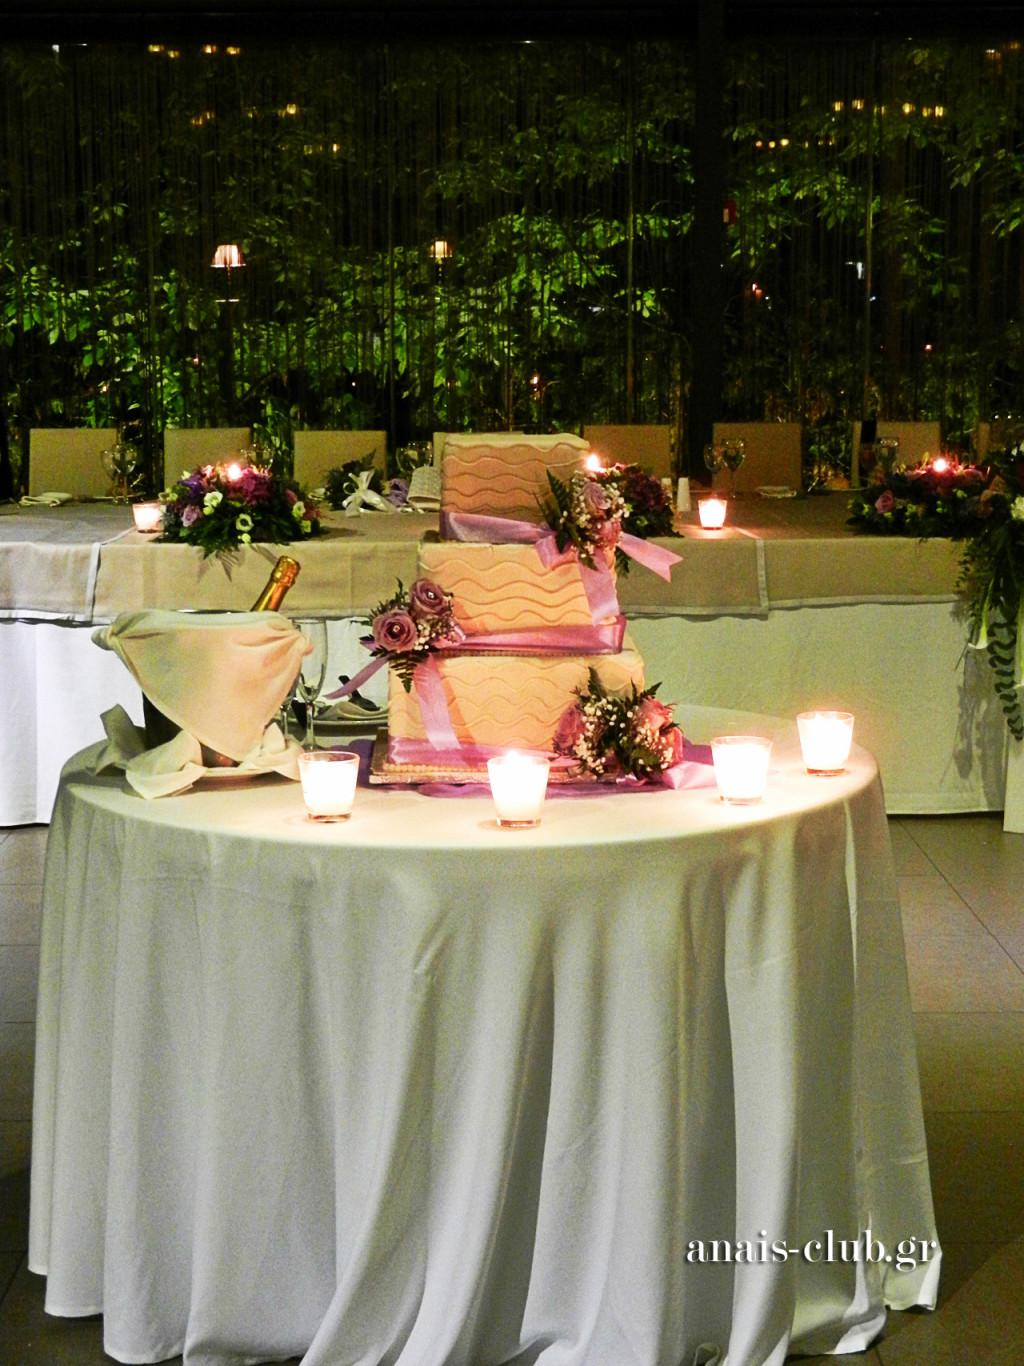 Το τραπέζι με την γαμήλια τούρτα είναι έτοιμο και όλοι αναμένουμε την είσοδο του ζευγαριού. Στο πλάι, η σαμπάνια έχει αποκτήσει την κατάλληλη θερμοκρασία.